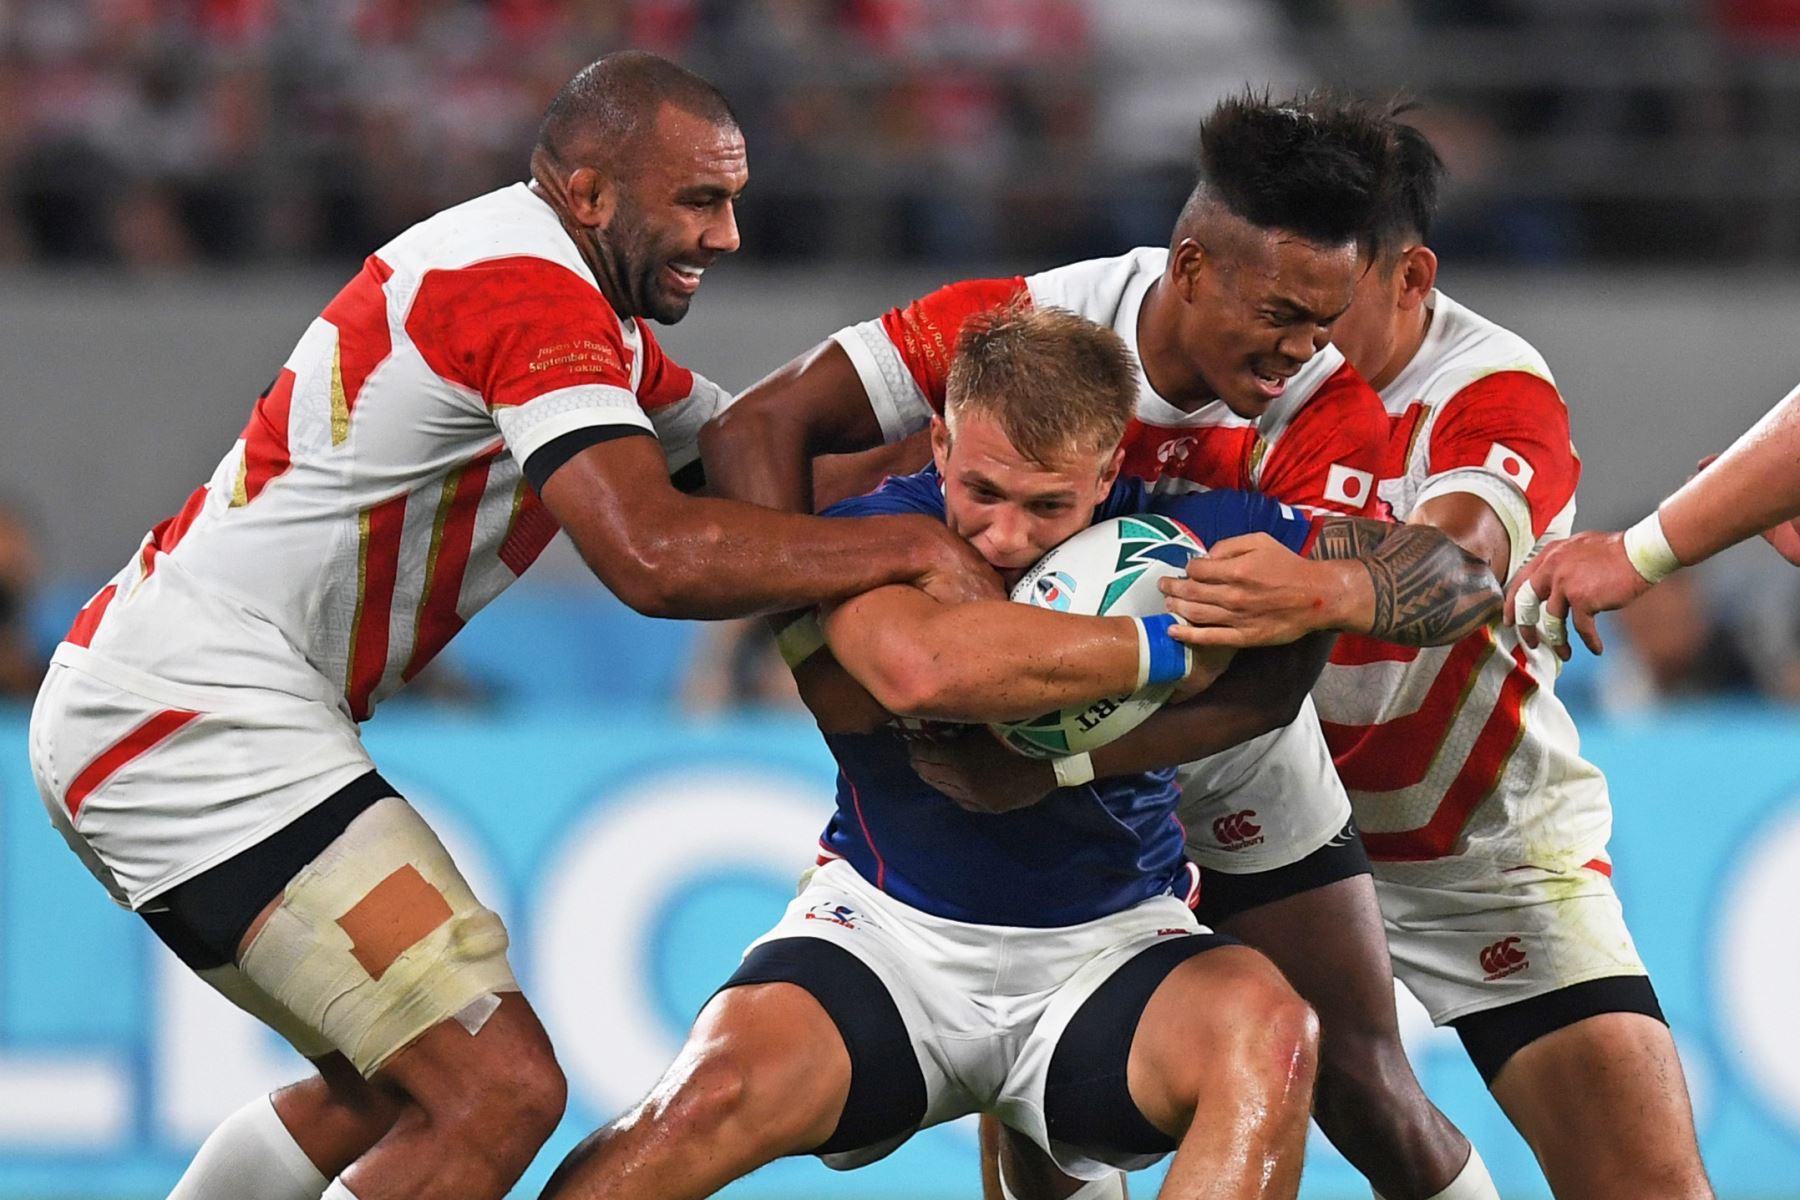 El ala rusa Kirill Golosnitskiy (C) es abordado por los jugadores japoneses durante el partido de la Copa Mundial de Rugby entre Japón y Rusia en Tokio. Foto: AFP